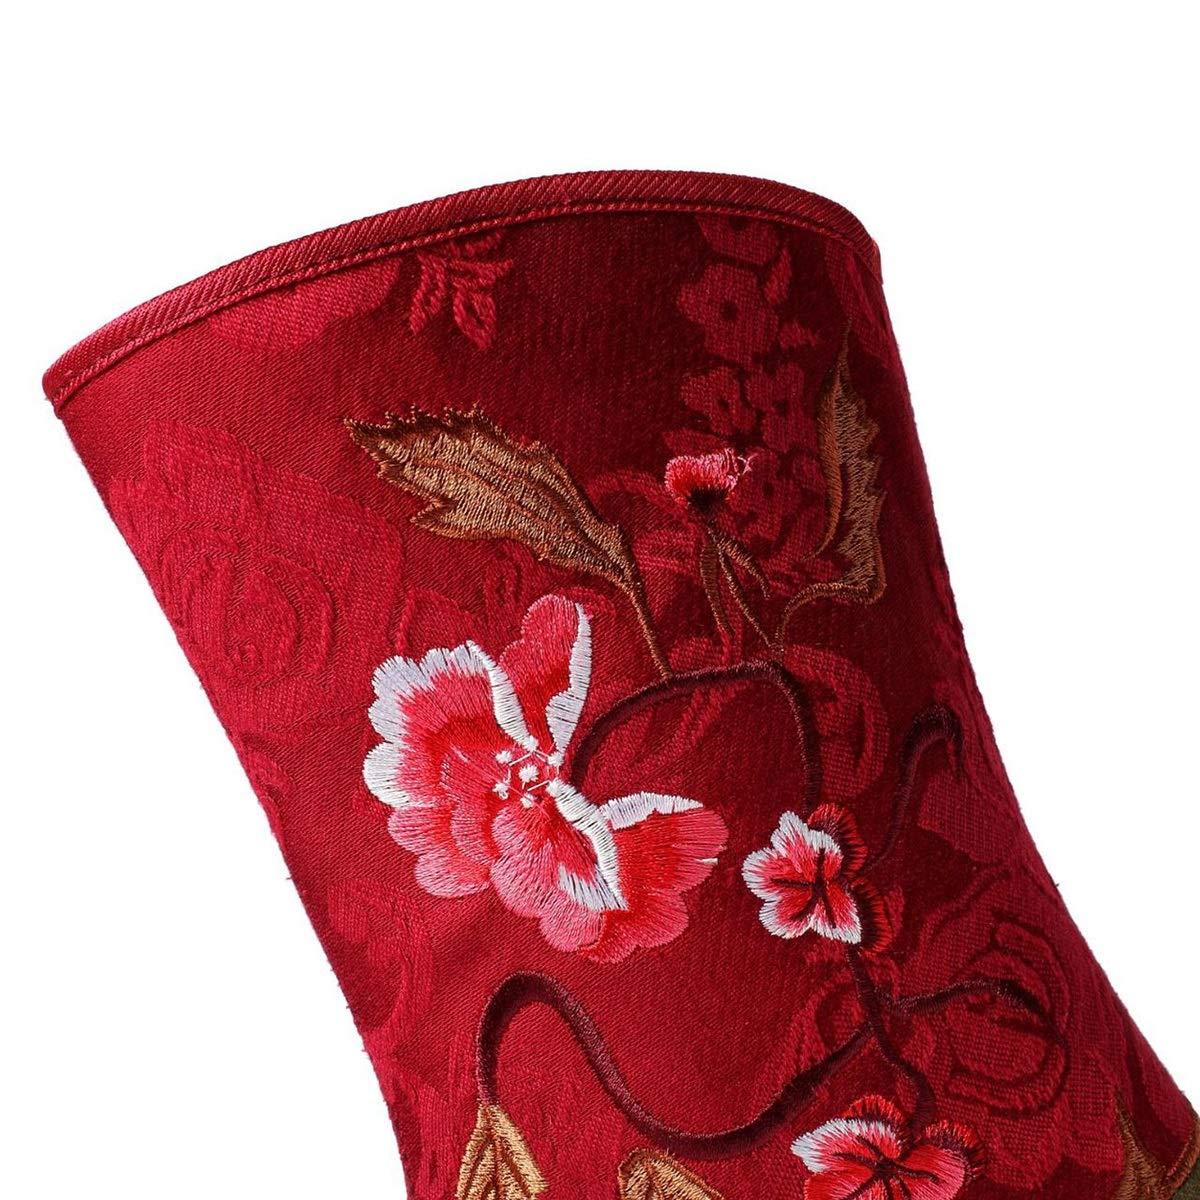 Hy Damenstiefeletten, Baumwolltuch Herbst Winter Plus warme Winterstiefel aus aus aus Kaschmir, Damen erhöhen Nationale Wind Besteickte Keilabsatz Freizeitschuhe (Farbe   Rot, Größe   38)  d37a8d